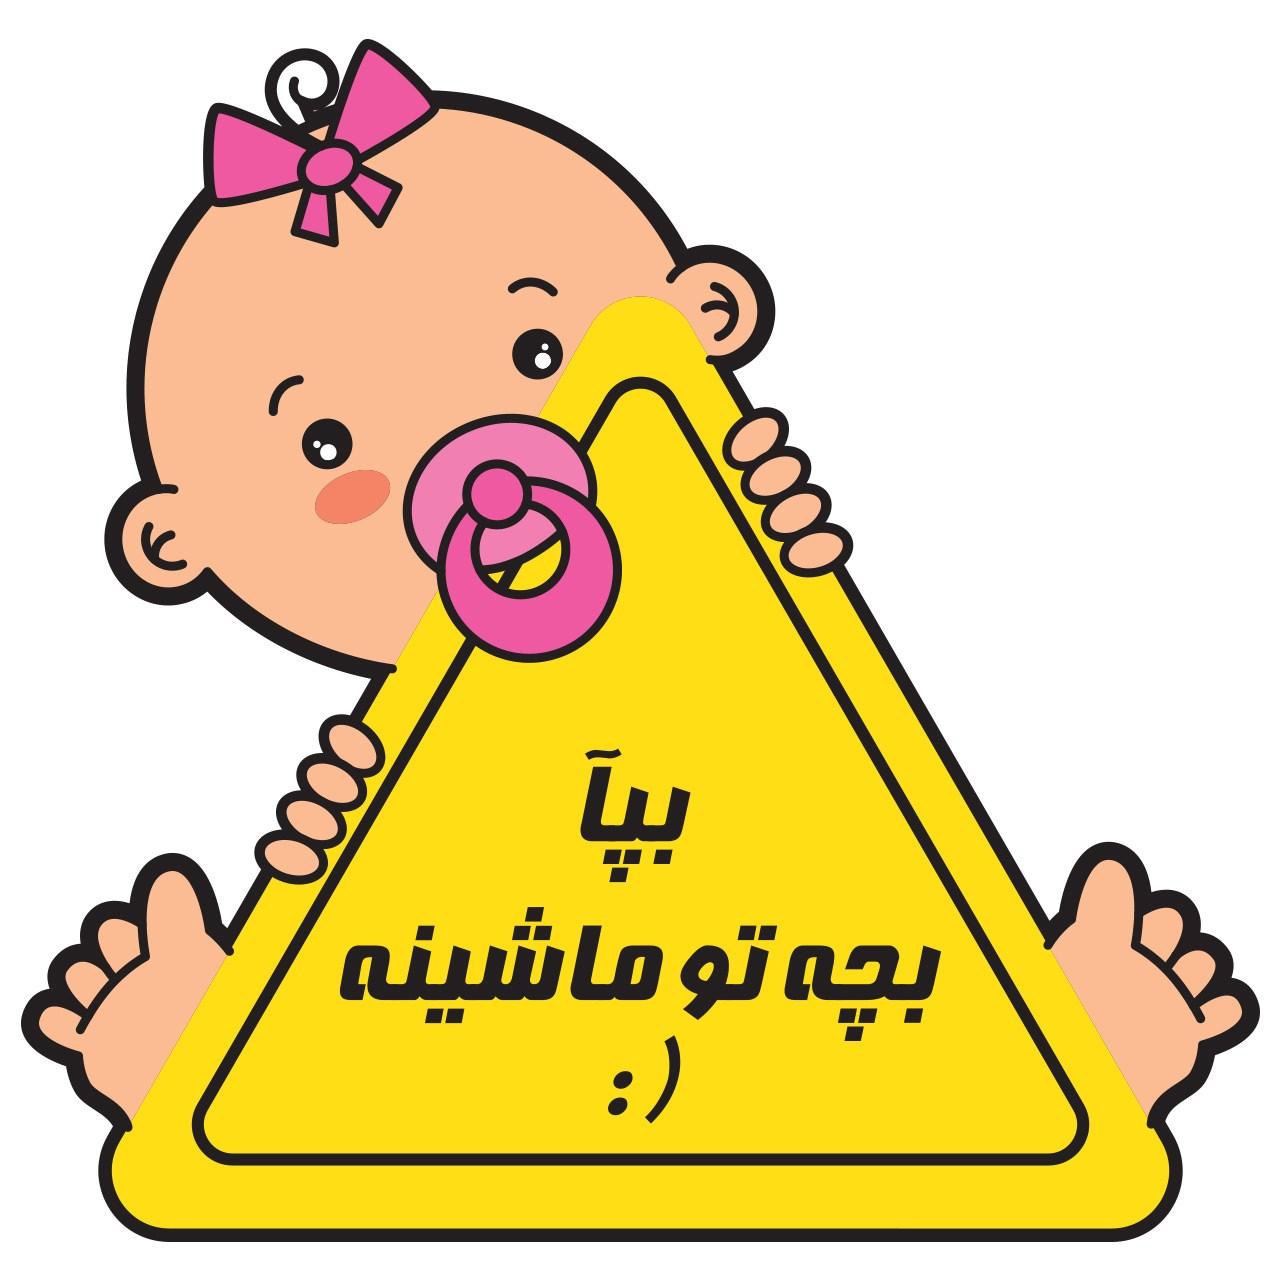 استیکر کودک گراسیپا مدل کودک نشسته 02 فارسی